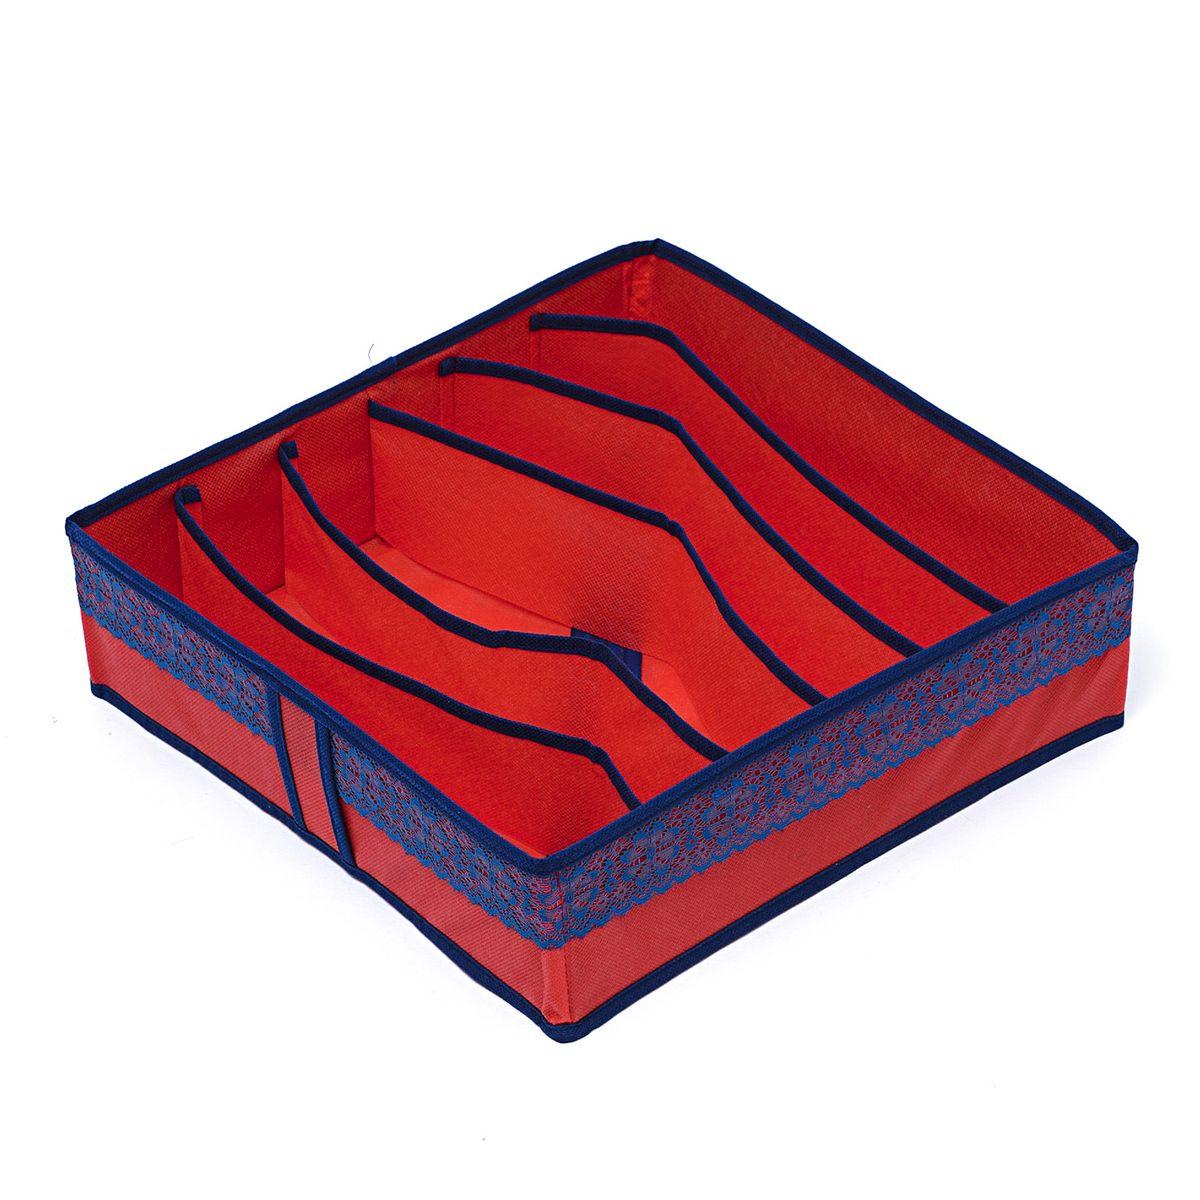 Органайзер для хранения вещей Homsu Rosso, 6 ячеек, 35 x 35 x 10 смHOM-315Компактный органайзер Homsu Rosso изготовлен из высококачественного полиэстера, который обеспечивает естественную вентиляцию. Материал позволяет воздуху свободно проникать внутрь, но не пропускает пыль. Органайзер отлично держит форму, благодаря вставкам из плотного картона. Изделие имеет 6 ячеек для хранения нижнего белья, колготок, носков и другой одежды. Такой органайзер позволит вам хранить вещи компактно и удобно, а оригинальный дизайн сделает вашу гардеробную красивой и невероятно стильной.